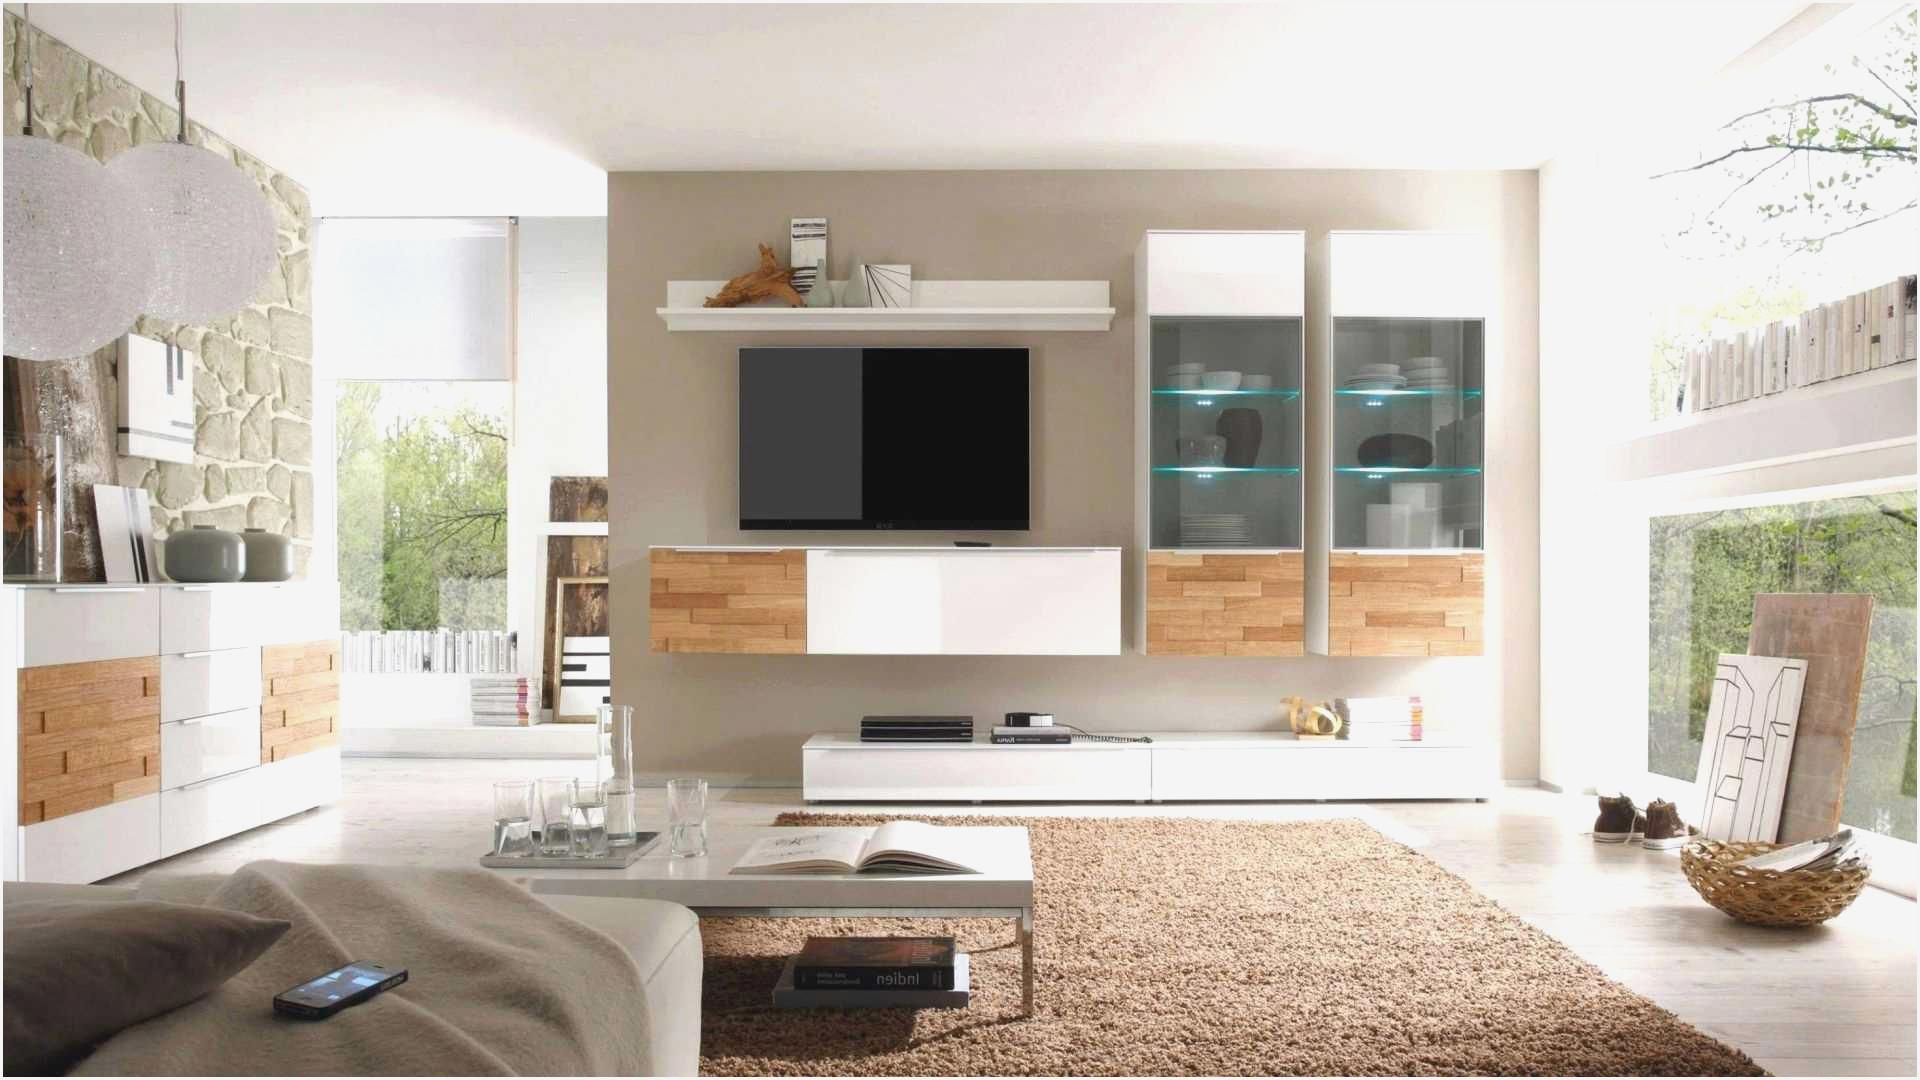 moderne wandgestaltung wohnzimmer ideen